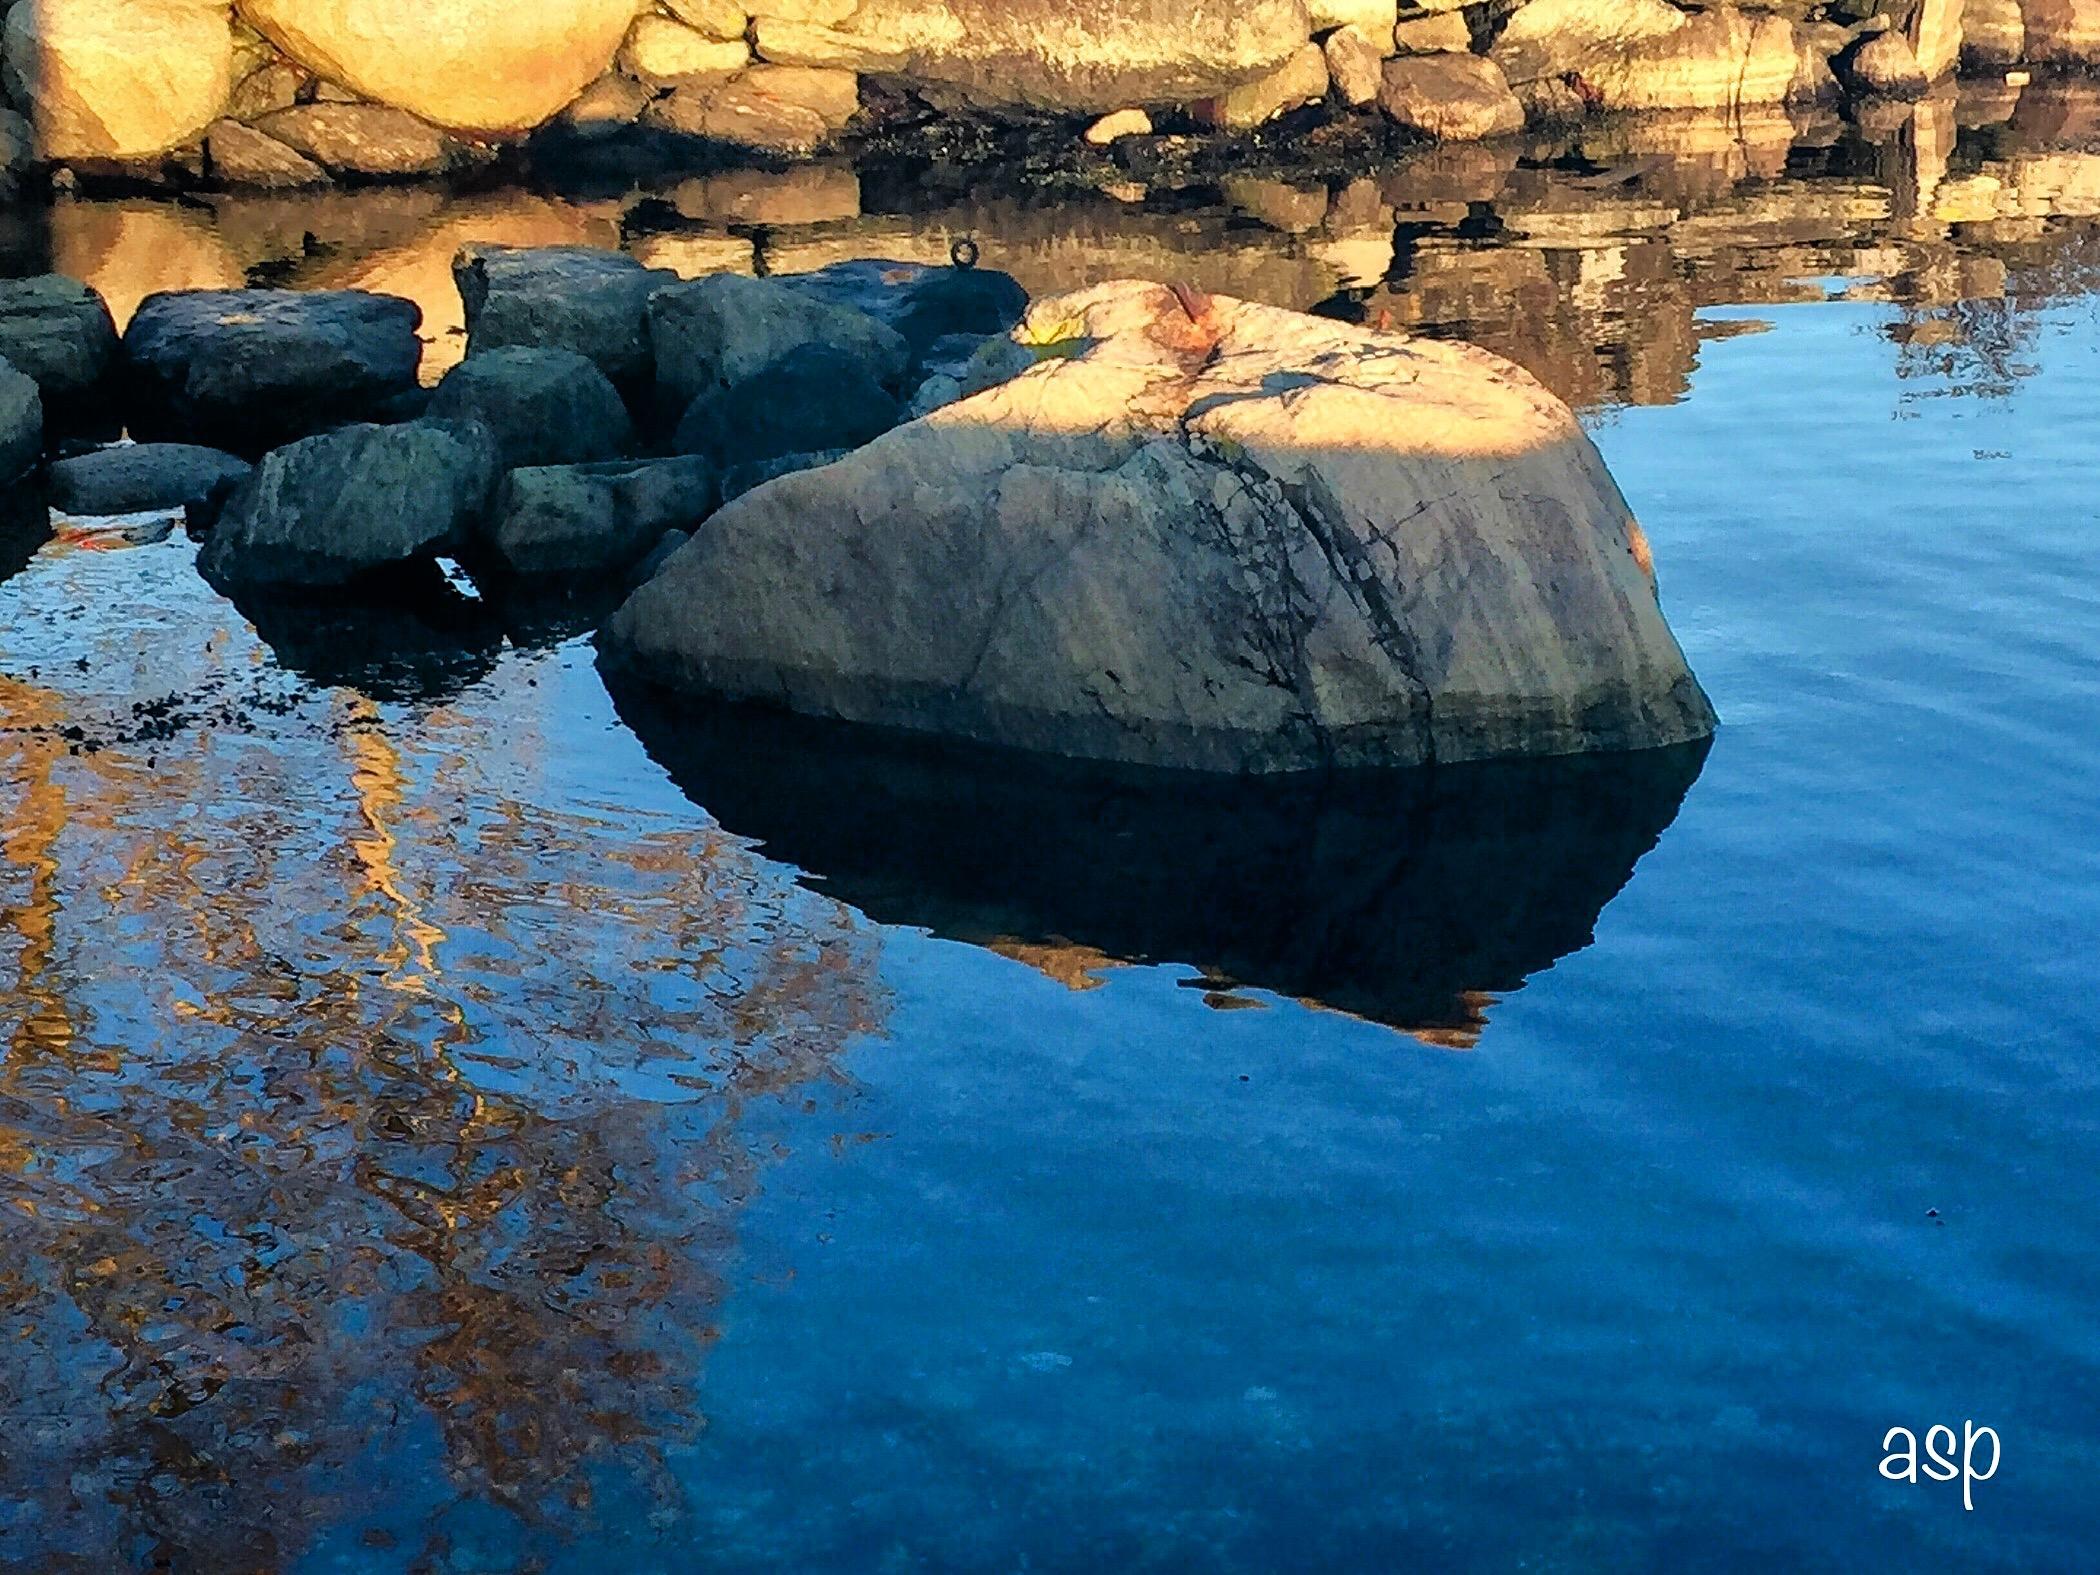 speiling i vannet